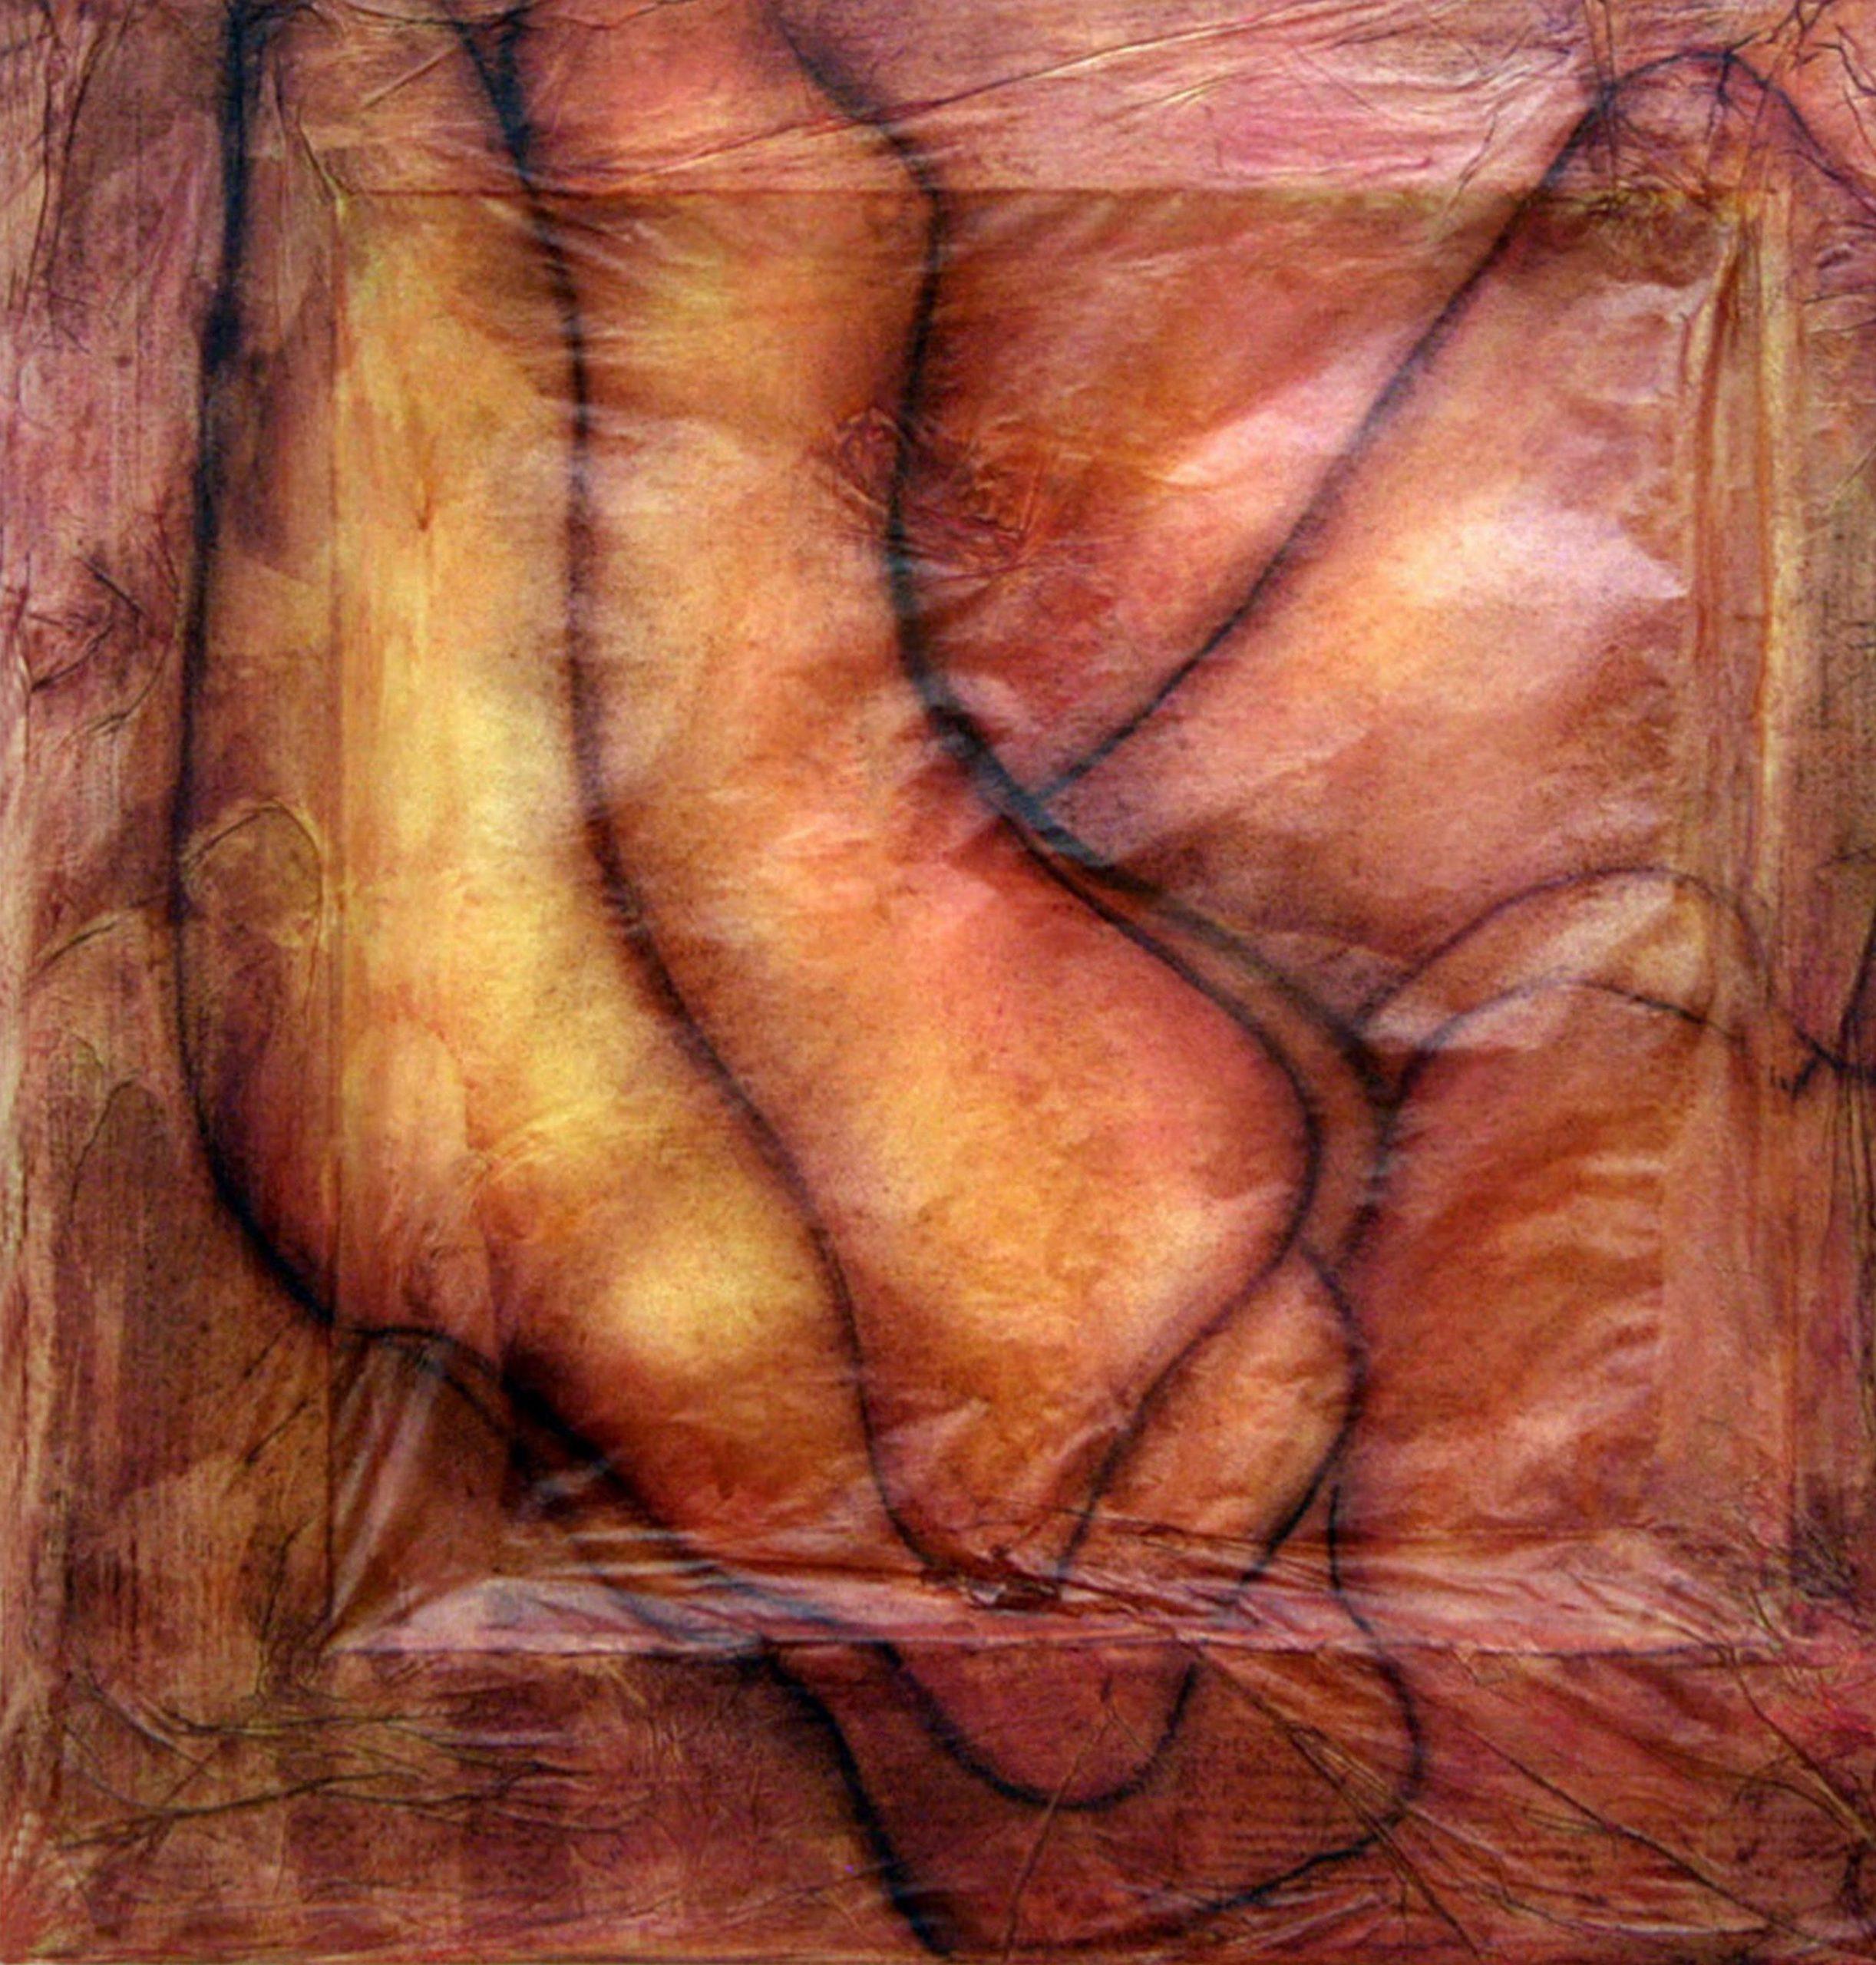 BENEDETTA JANDOLO, Matricale rossa, cm 30 x 30, gessi su carta fatta a mano, 2014